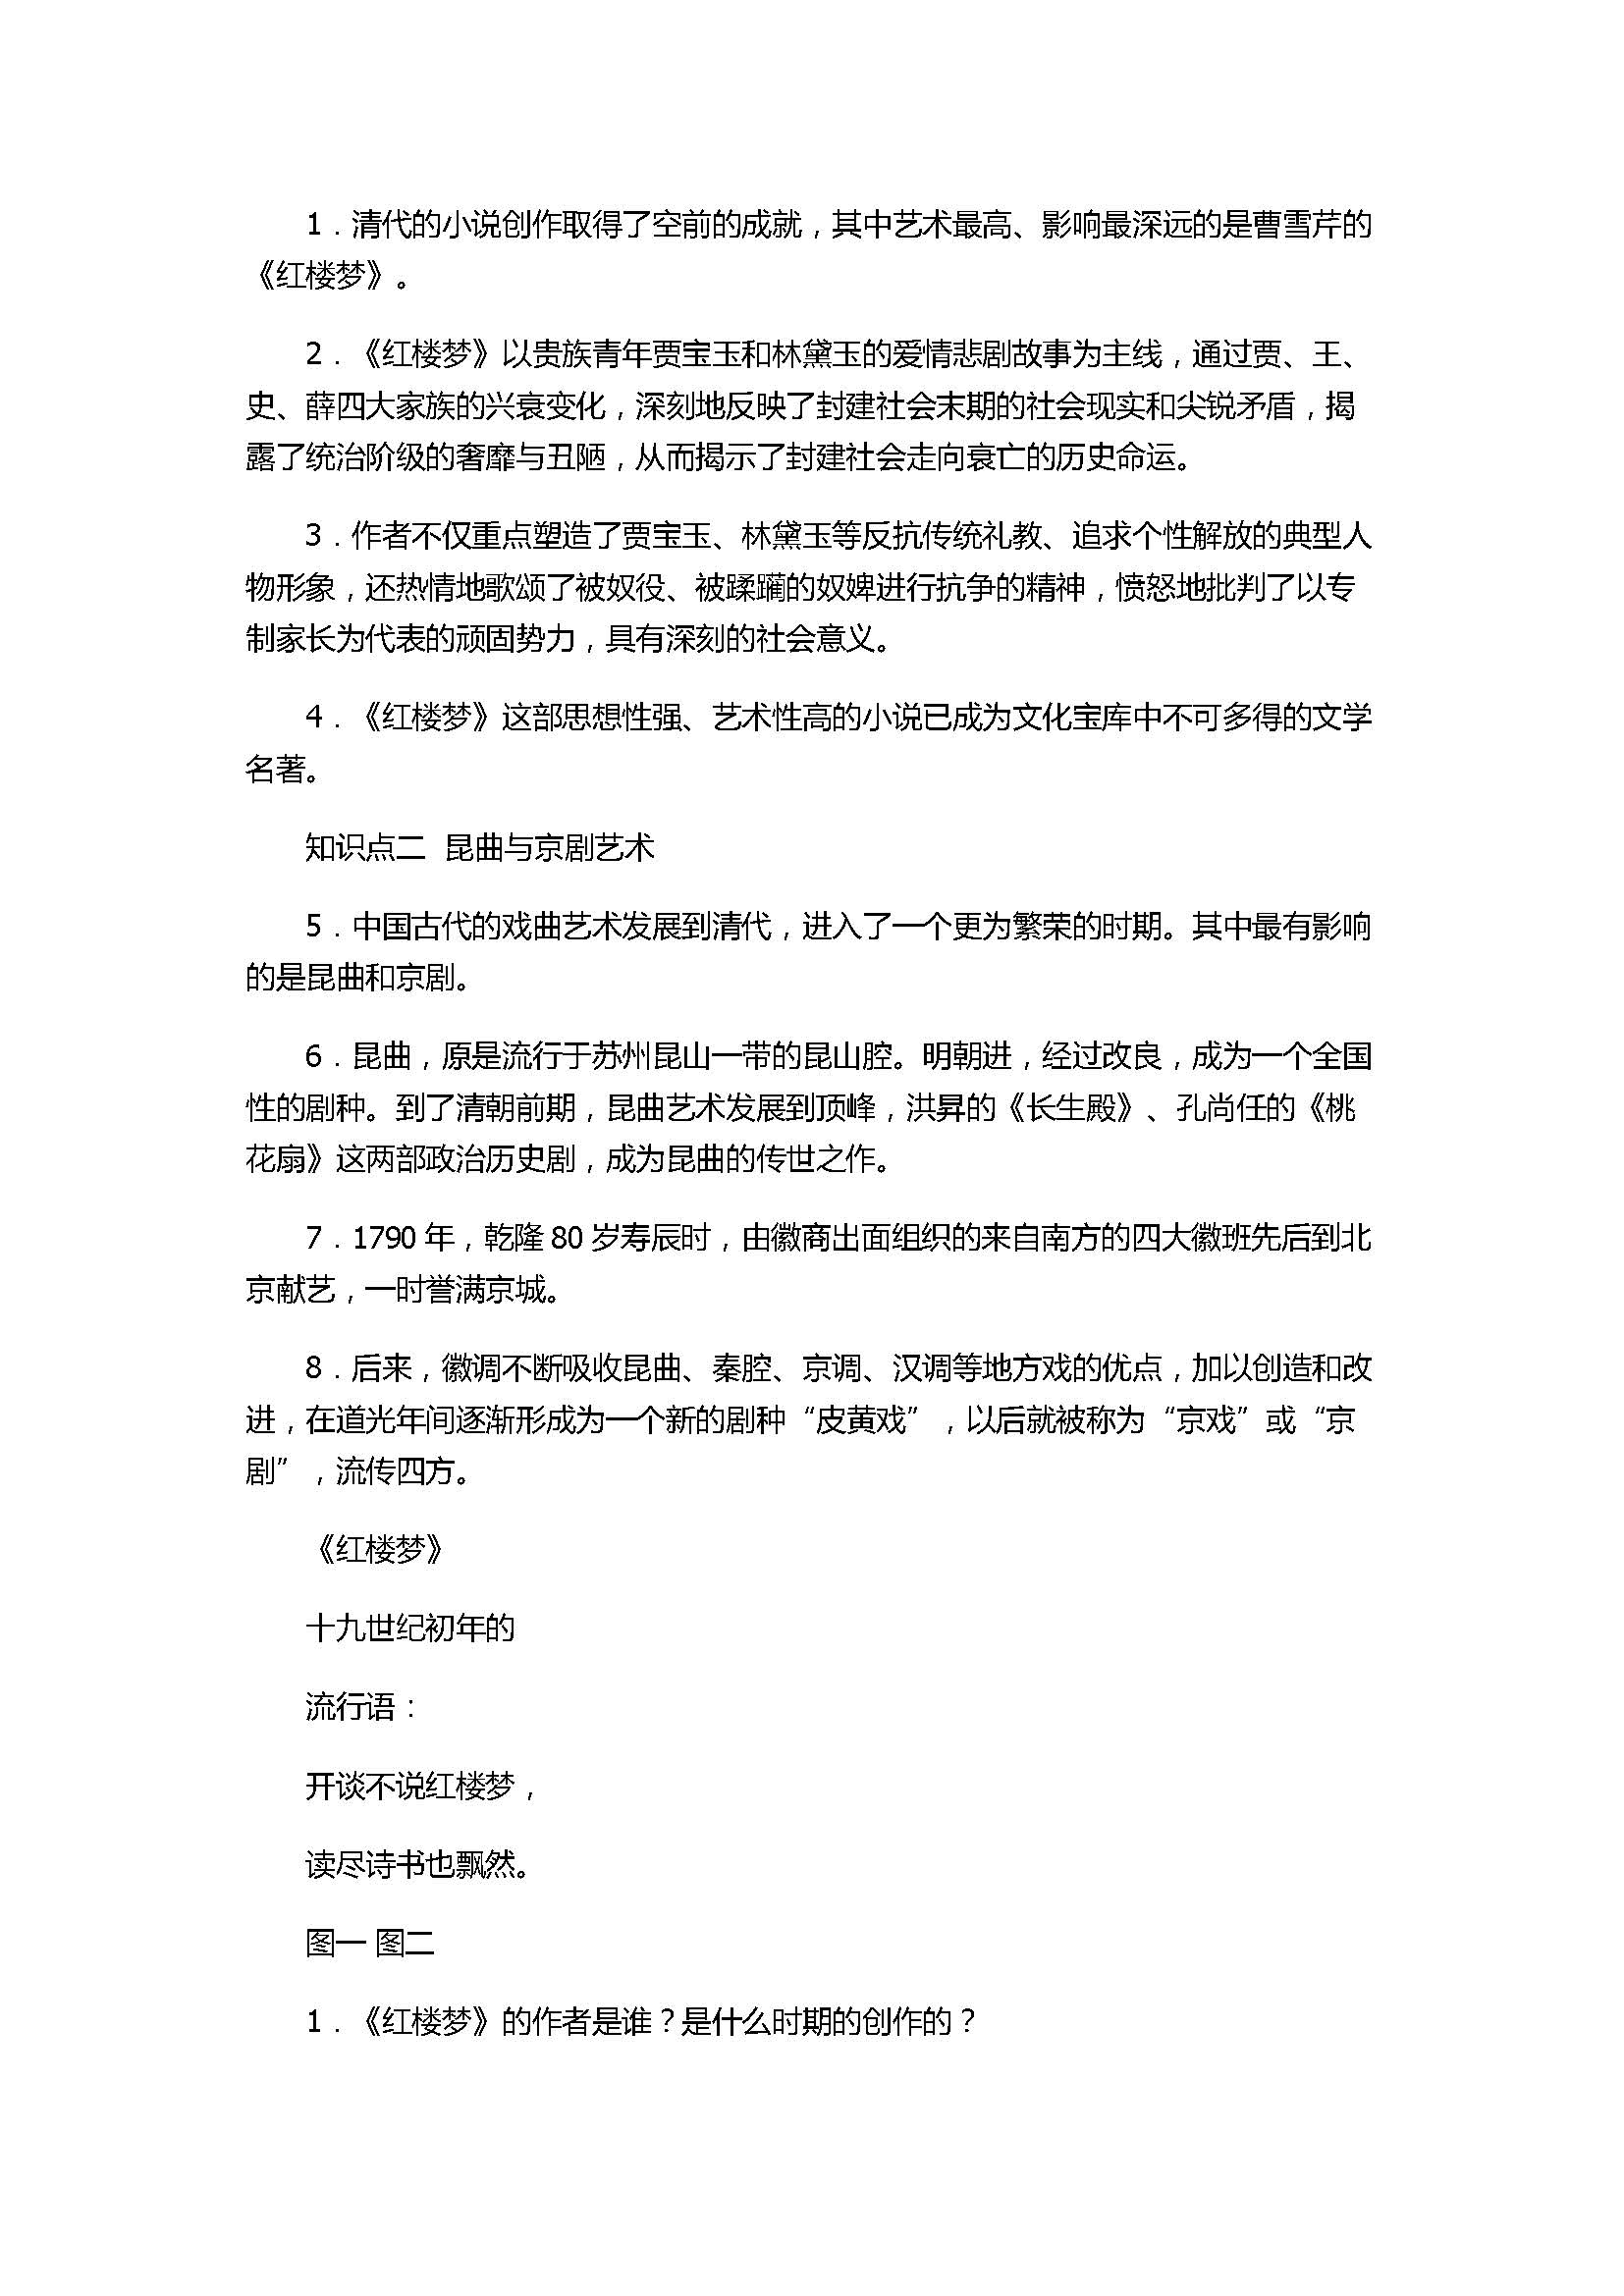 2017七年级下册历史《清朝前期的文学艺术》同步练习题附答案